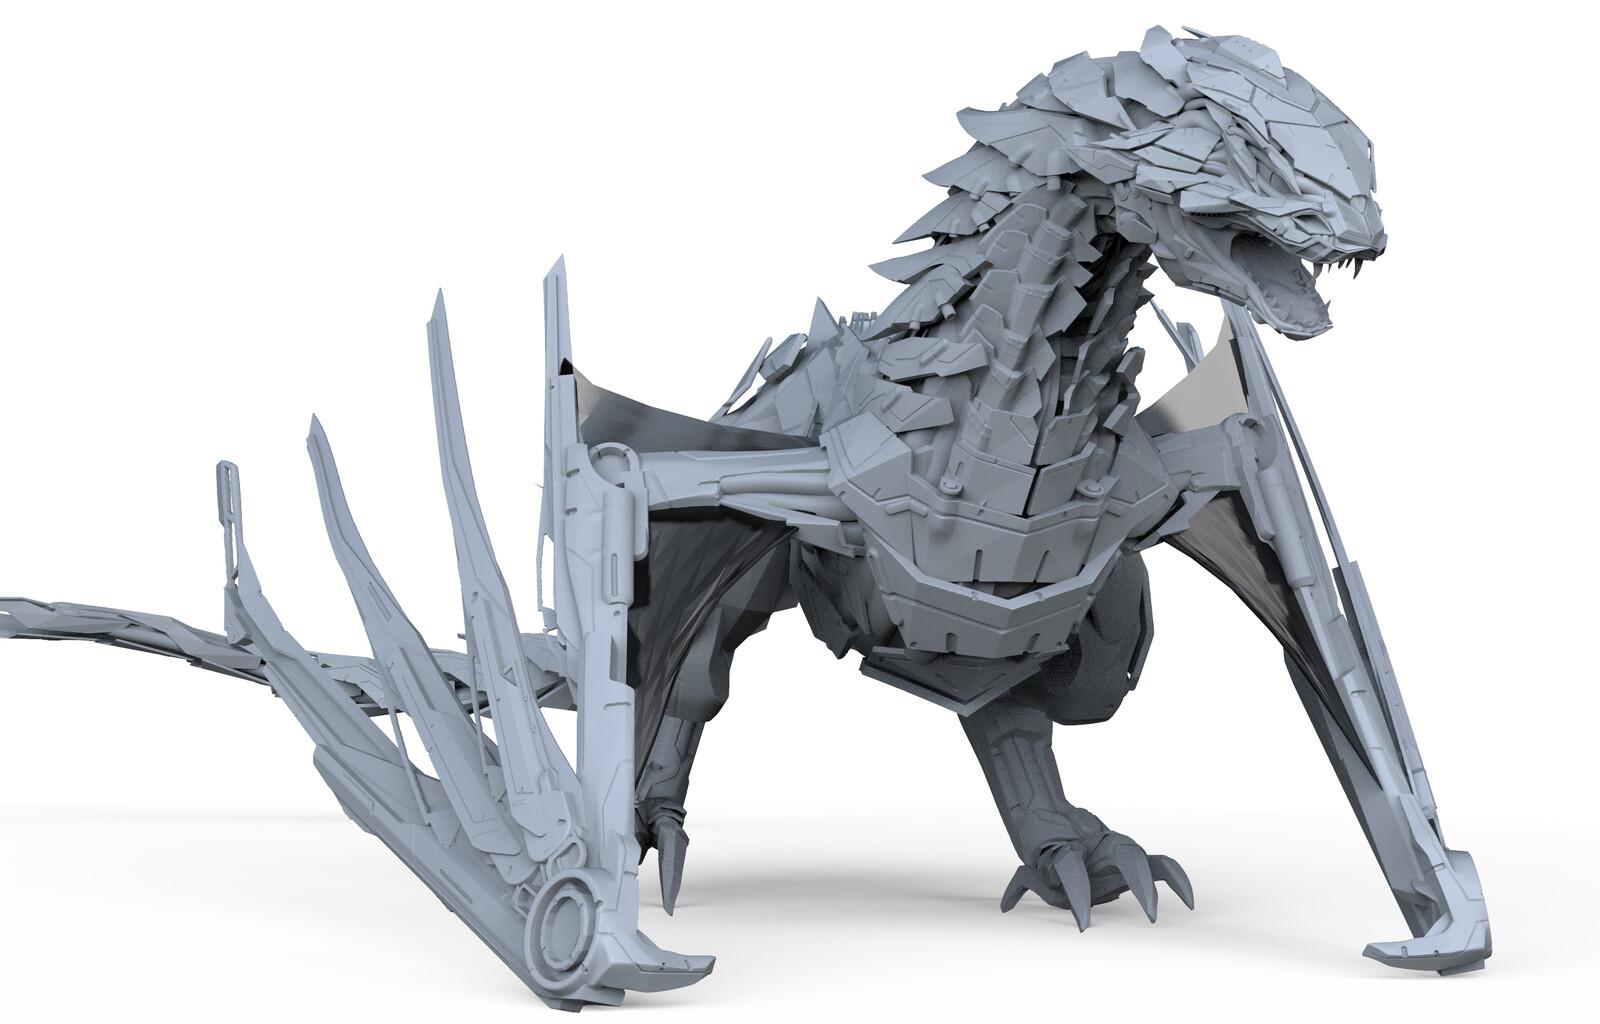 Mecha Dragon Concept Sculpt